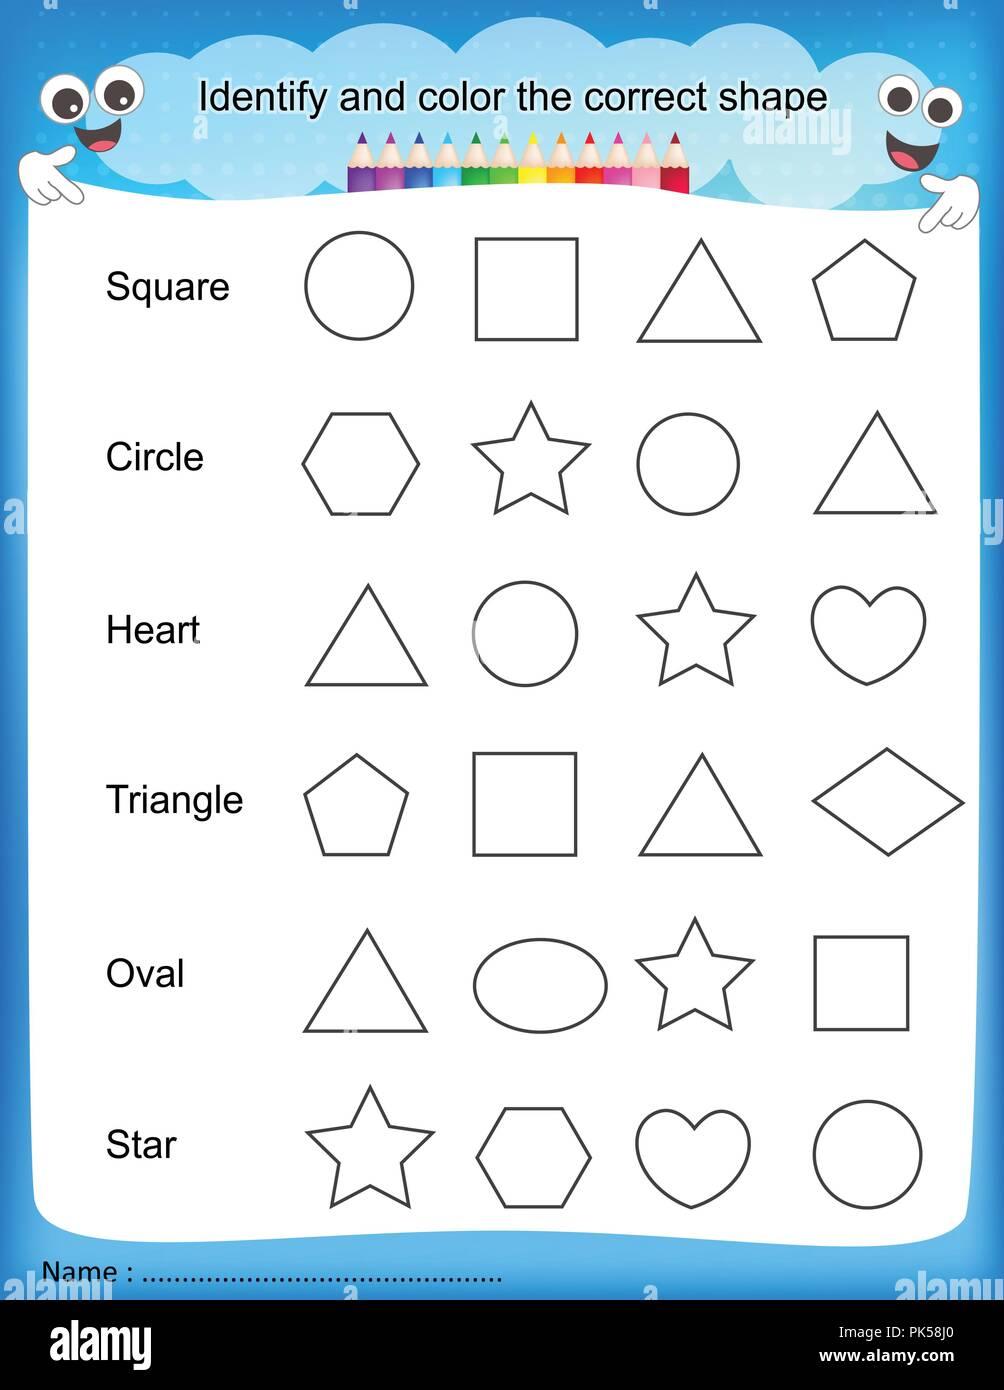 Identifizieren Und Farbe Die Richtige Form Bunte Druckbare Kinder